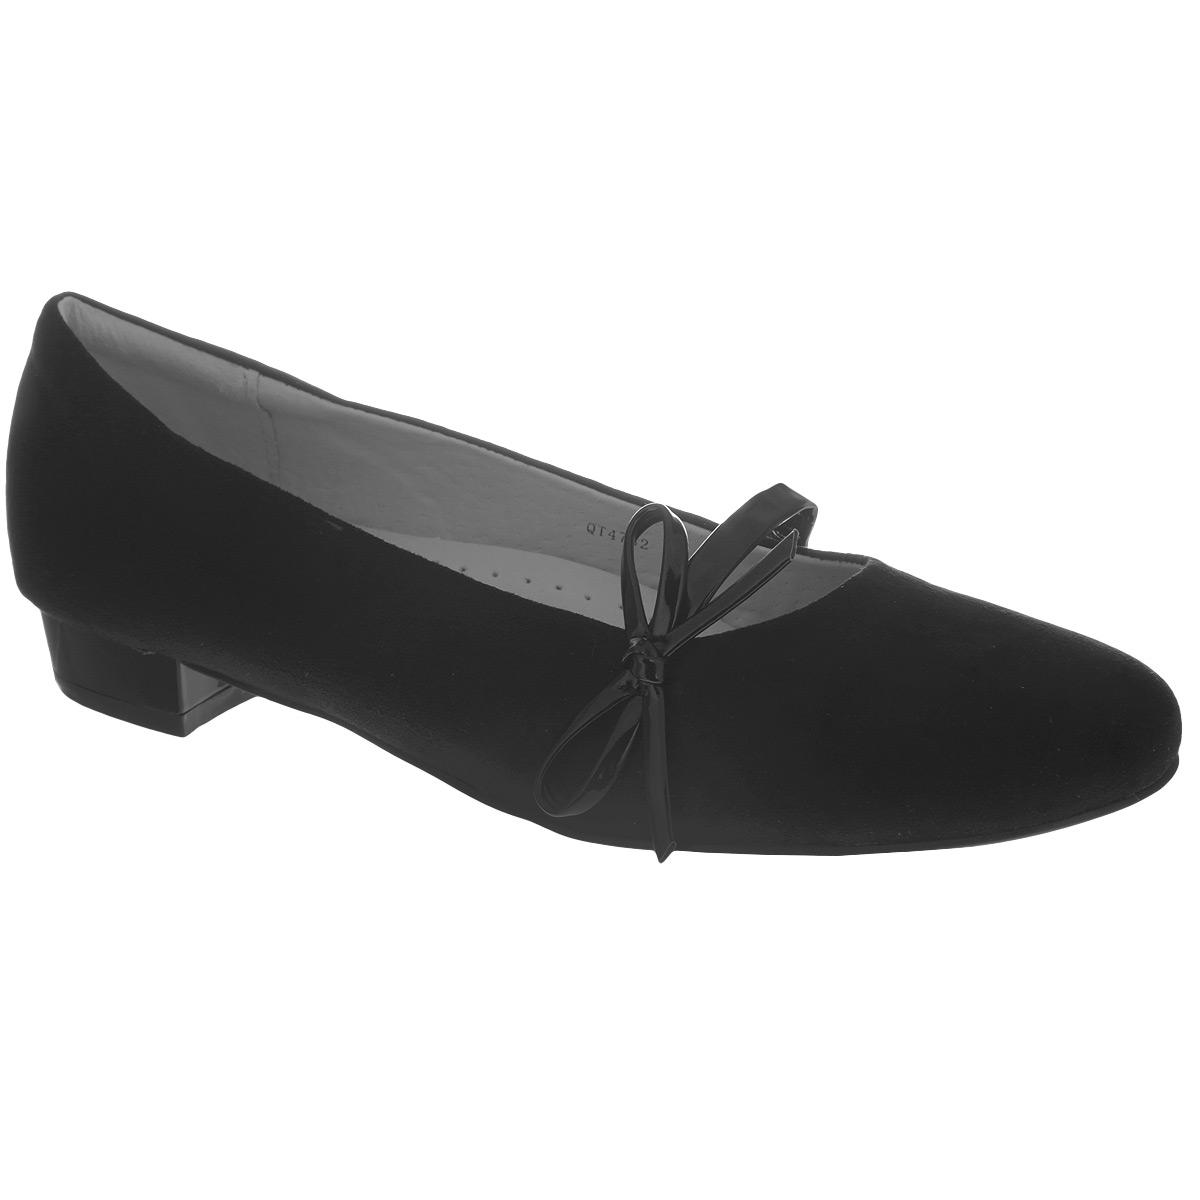 Туфли для девочки. QT4762QT4762Элегантные туфли от Flamingo придутся по душе вашей юной моднице! Модель на невысоком широком каблучке изготовлена из искусственной кожи и декорирована очаровательным бантиком. Ремешок, дополненный сбоку эластичной резинкой, отвечает за надежную фиксацию обуви на ноге. Стелька из натуральной кожи оснащена супинатором, который обеспечивает правильное положение ноги ребенка при ходьбе, предотвращает плоскостопие. Рифленая поверхность каблука и подошвы защищает изделие от скольжения. Удобные туфли - незаменимая вещь в гардеробе каждой девочки.